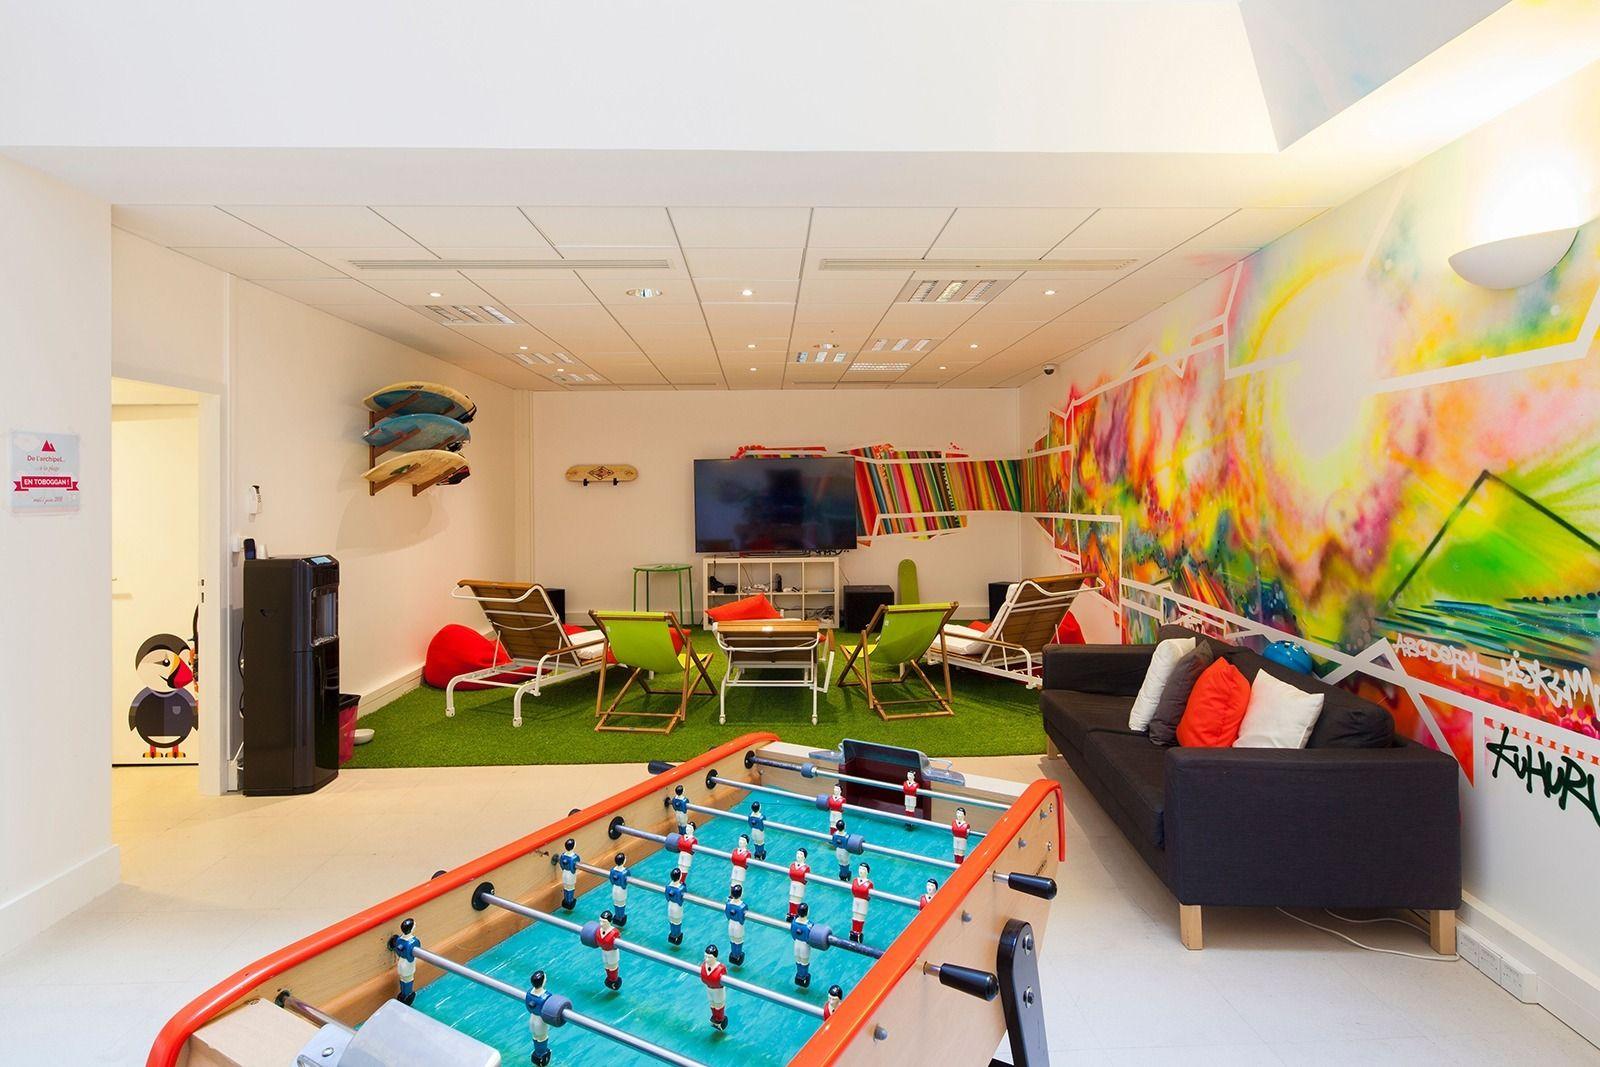 An exclusive tour of prestashop s hip paris headquarters for Office design game